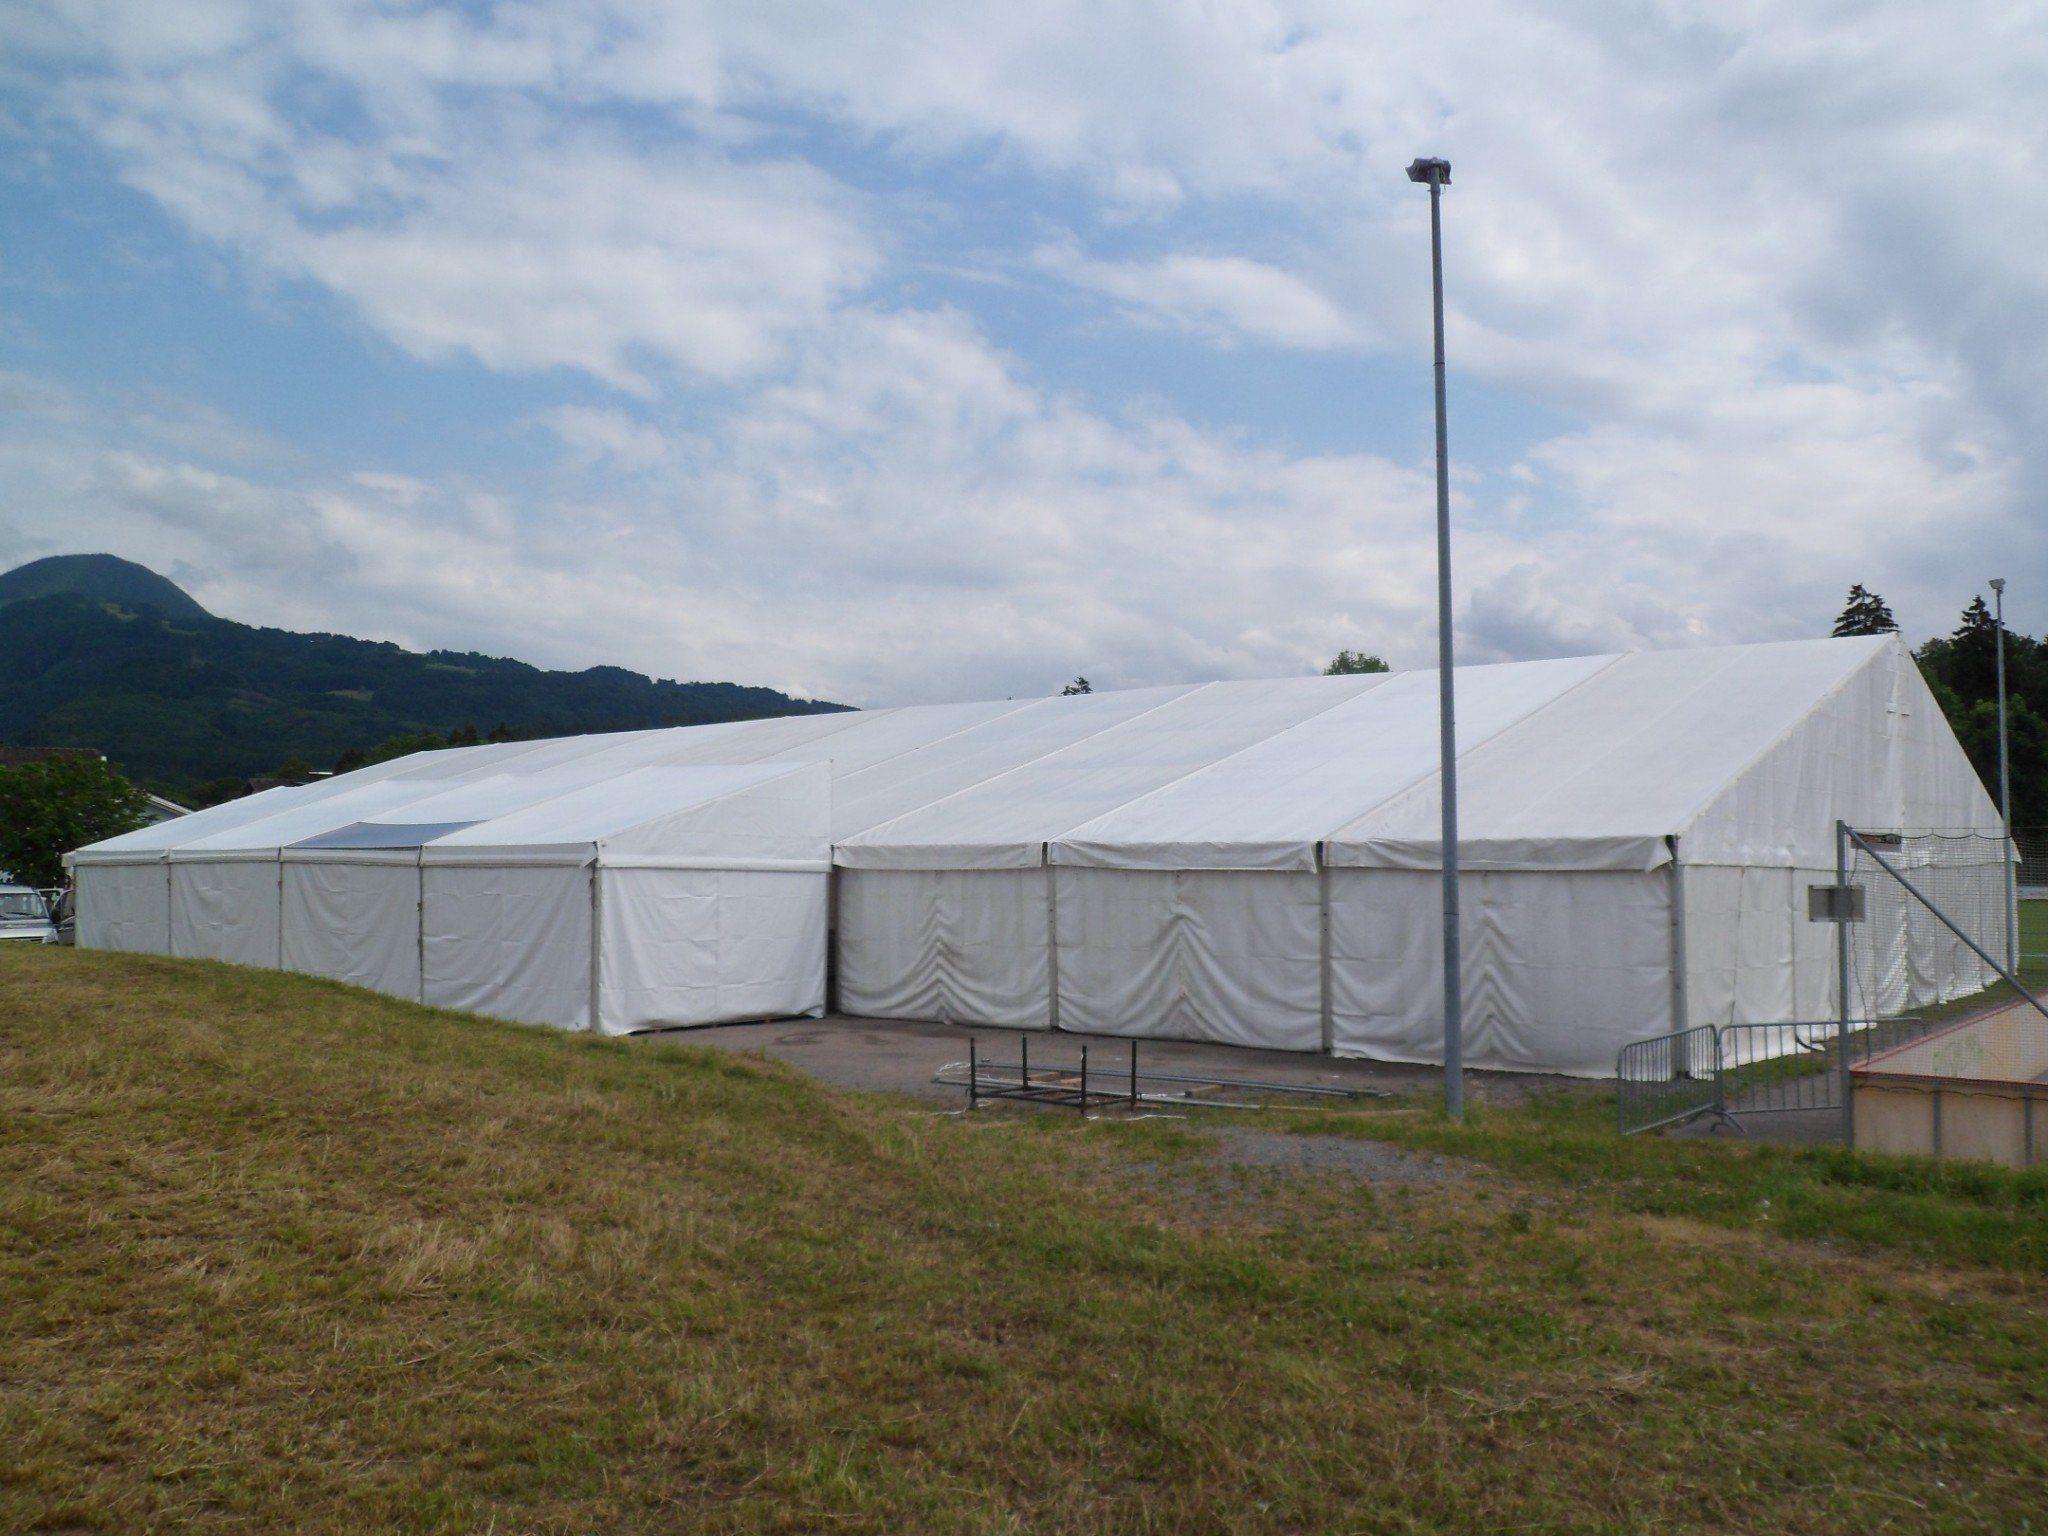 Das Zelt für das Jubiläumsfest steht